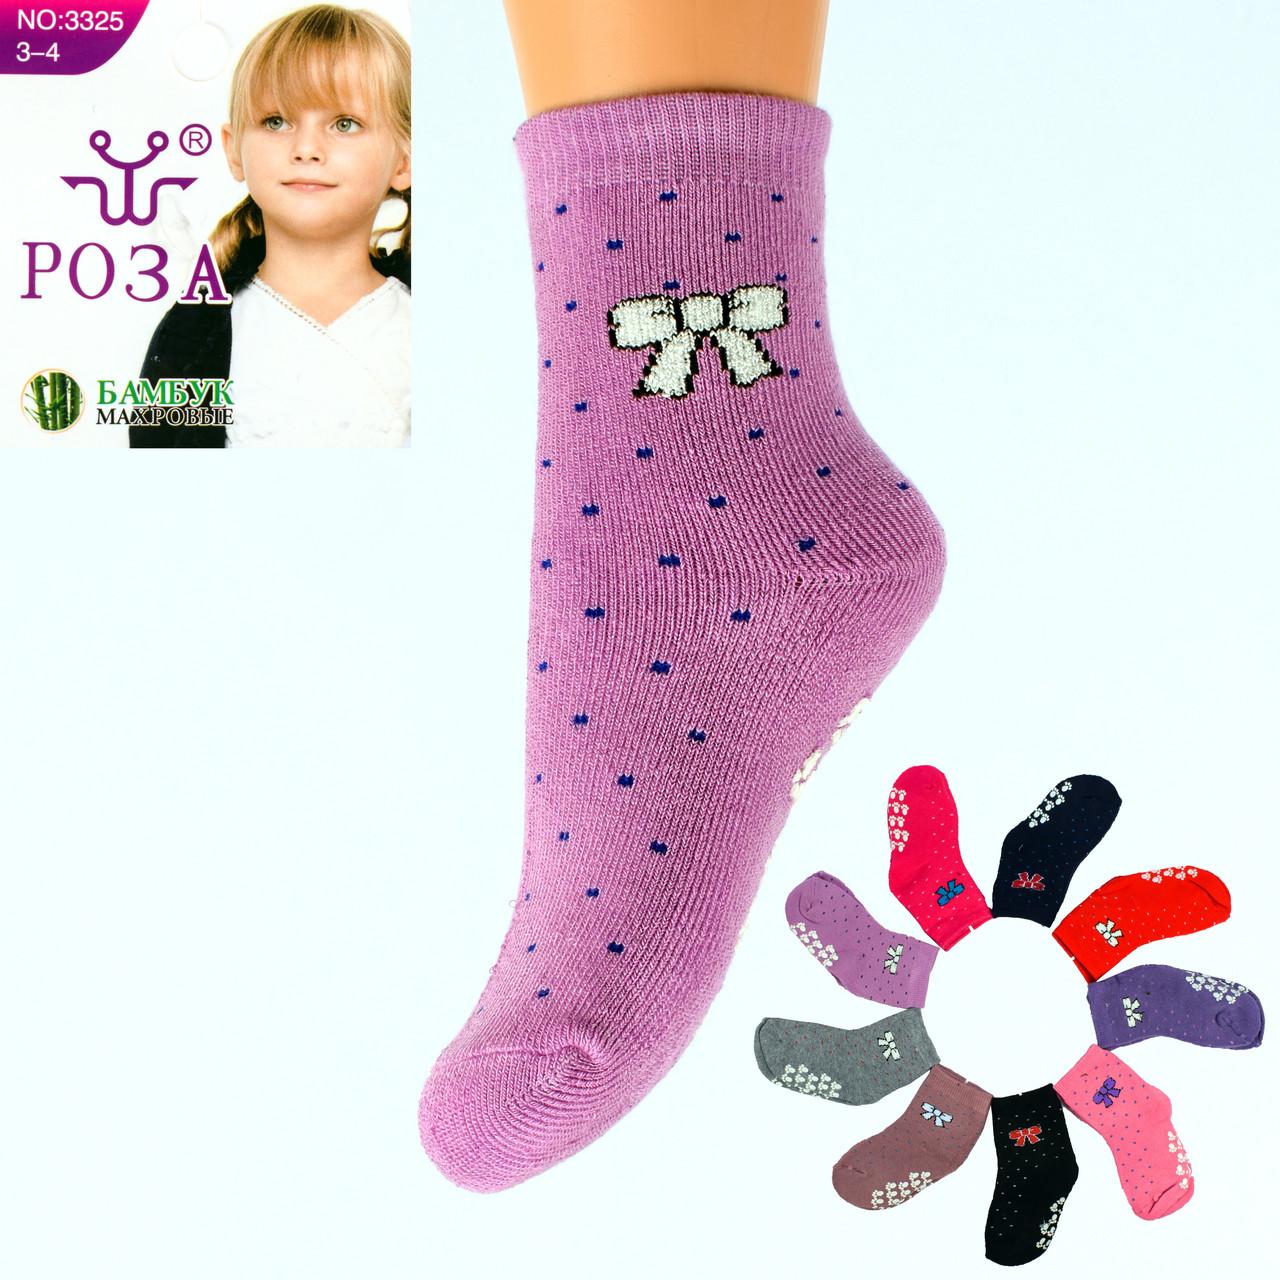 Детские махровые носочки с тормозами Roza 3325 7-8. В упаковке 12 пар